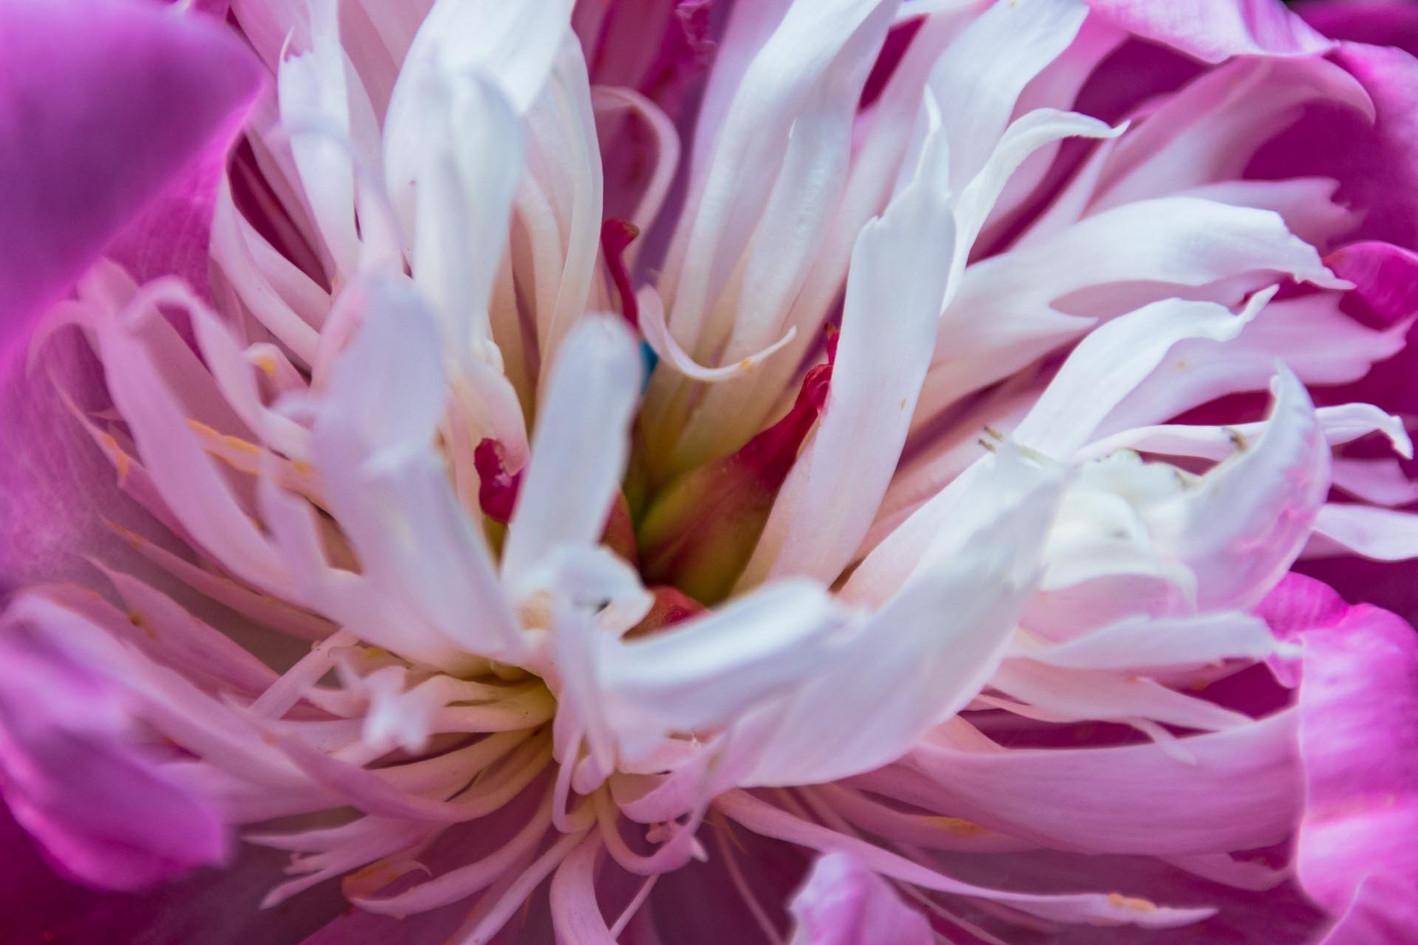 Detailaufnahme Bluetenkelch weiss pink